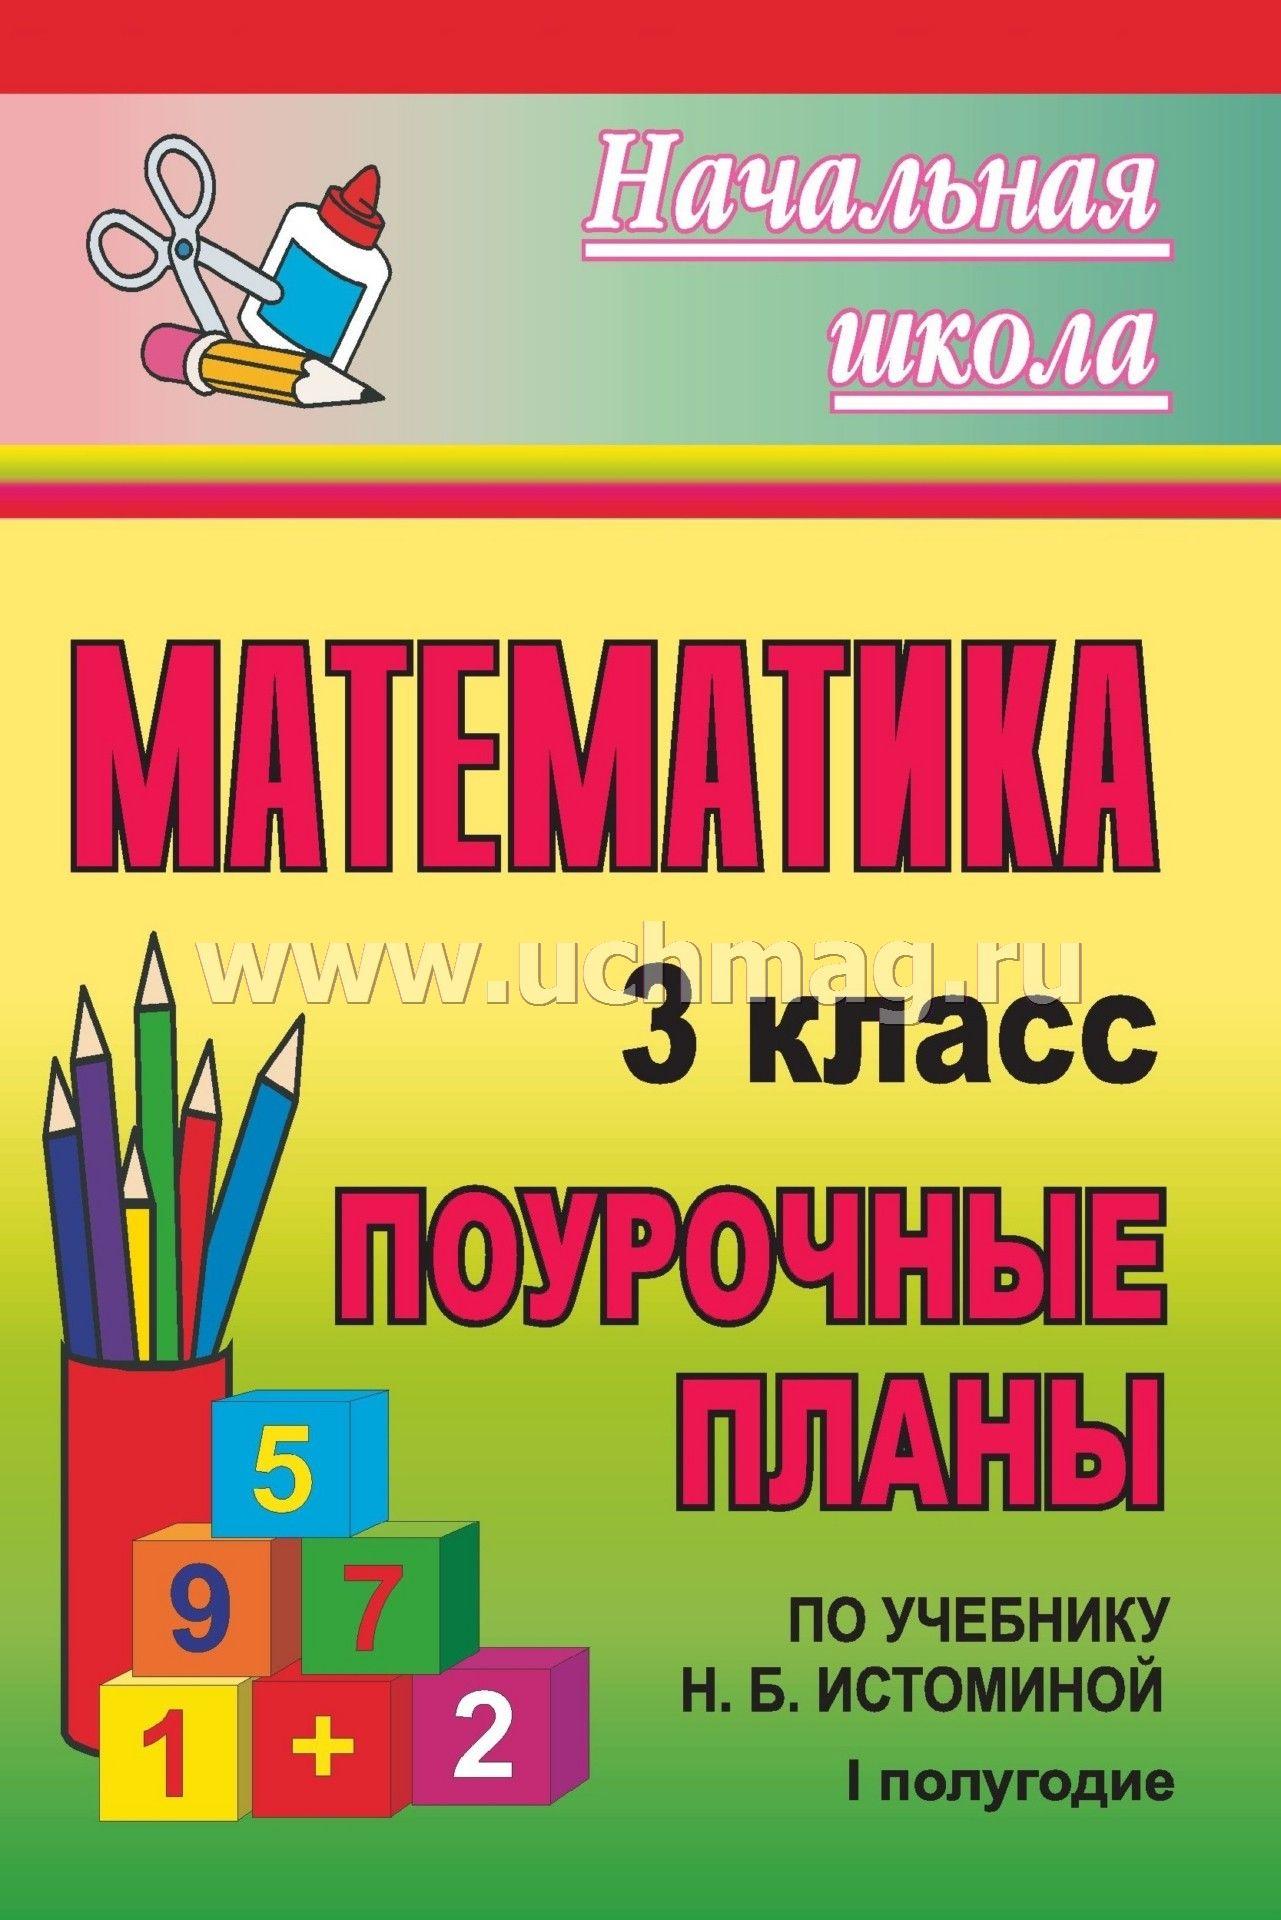 П методическая разработка по математике 3 класс по истоминой на тему контрольные